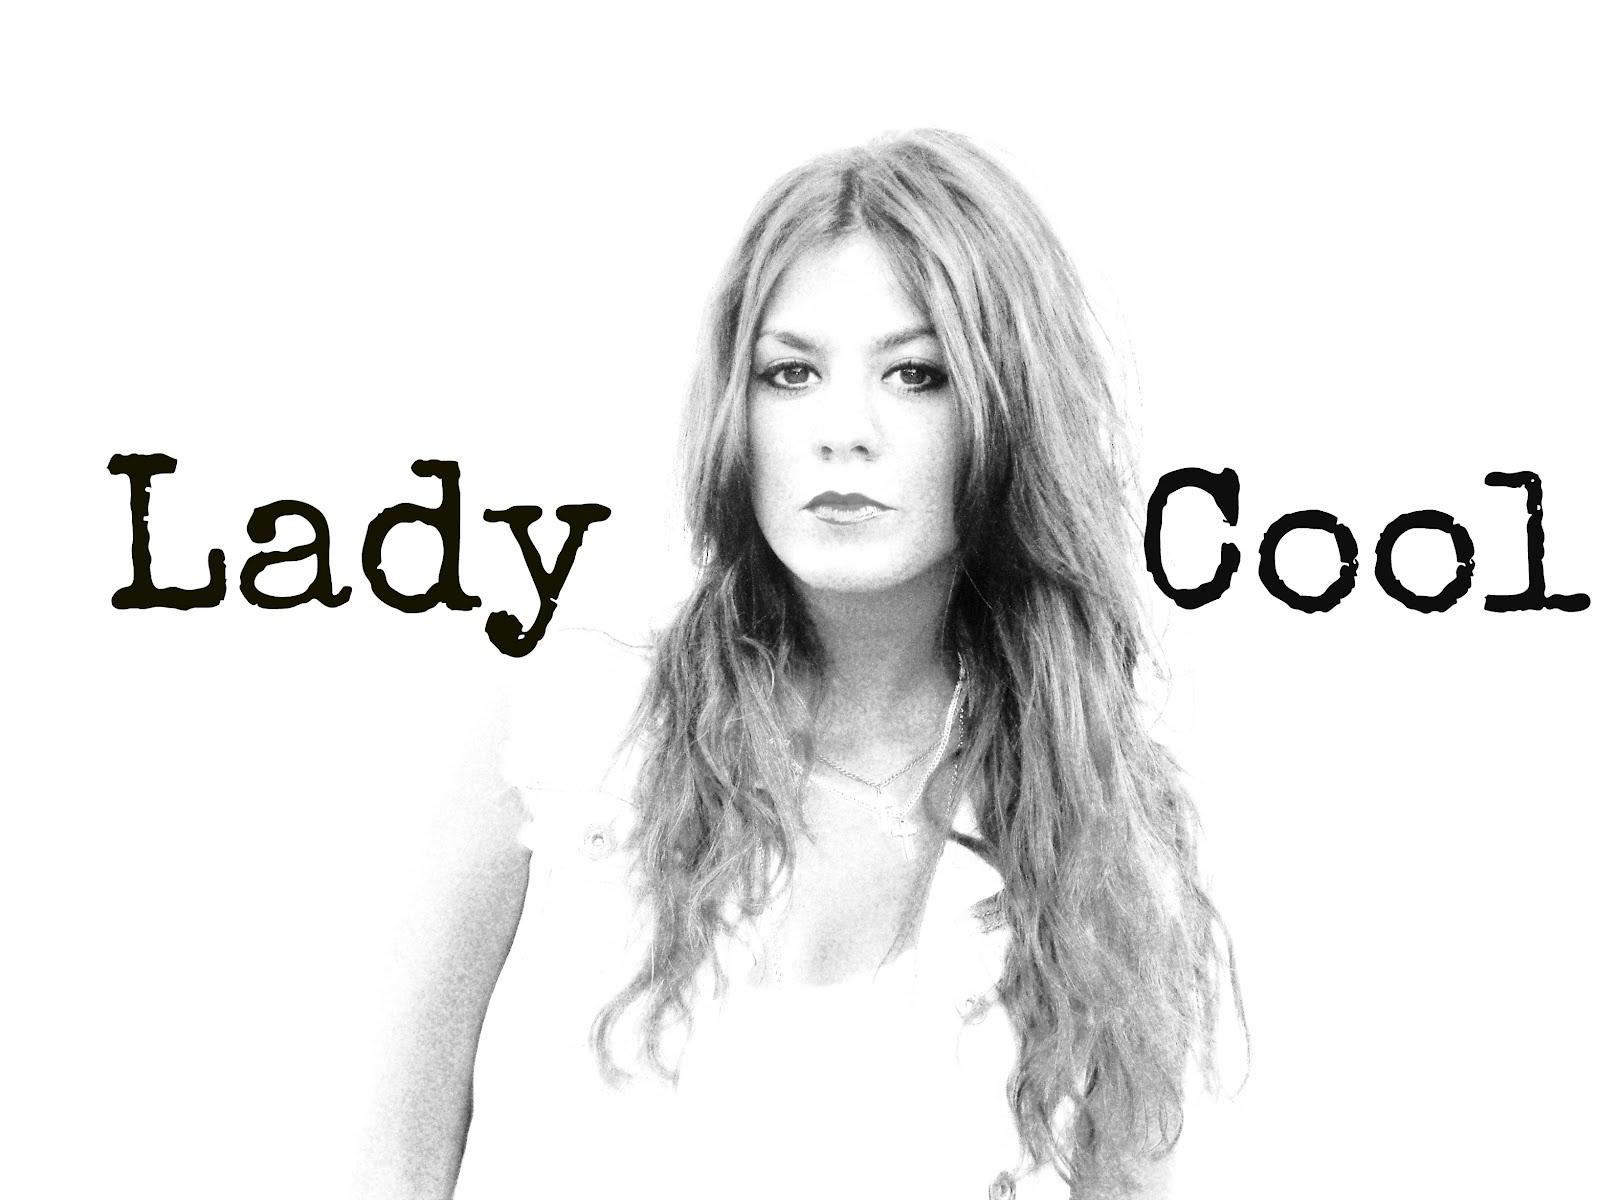 LadyCool